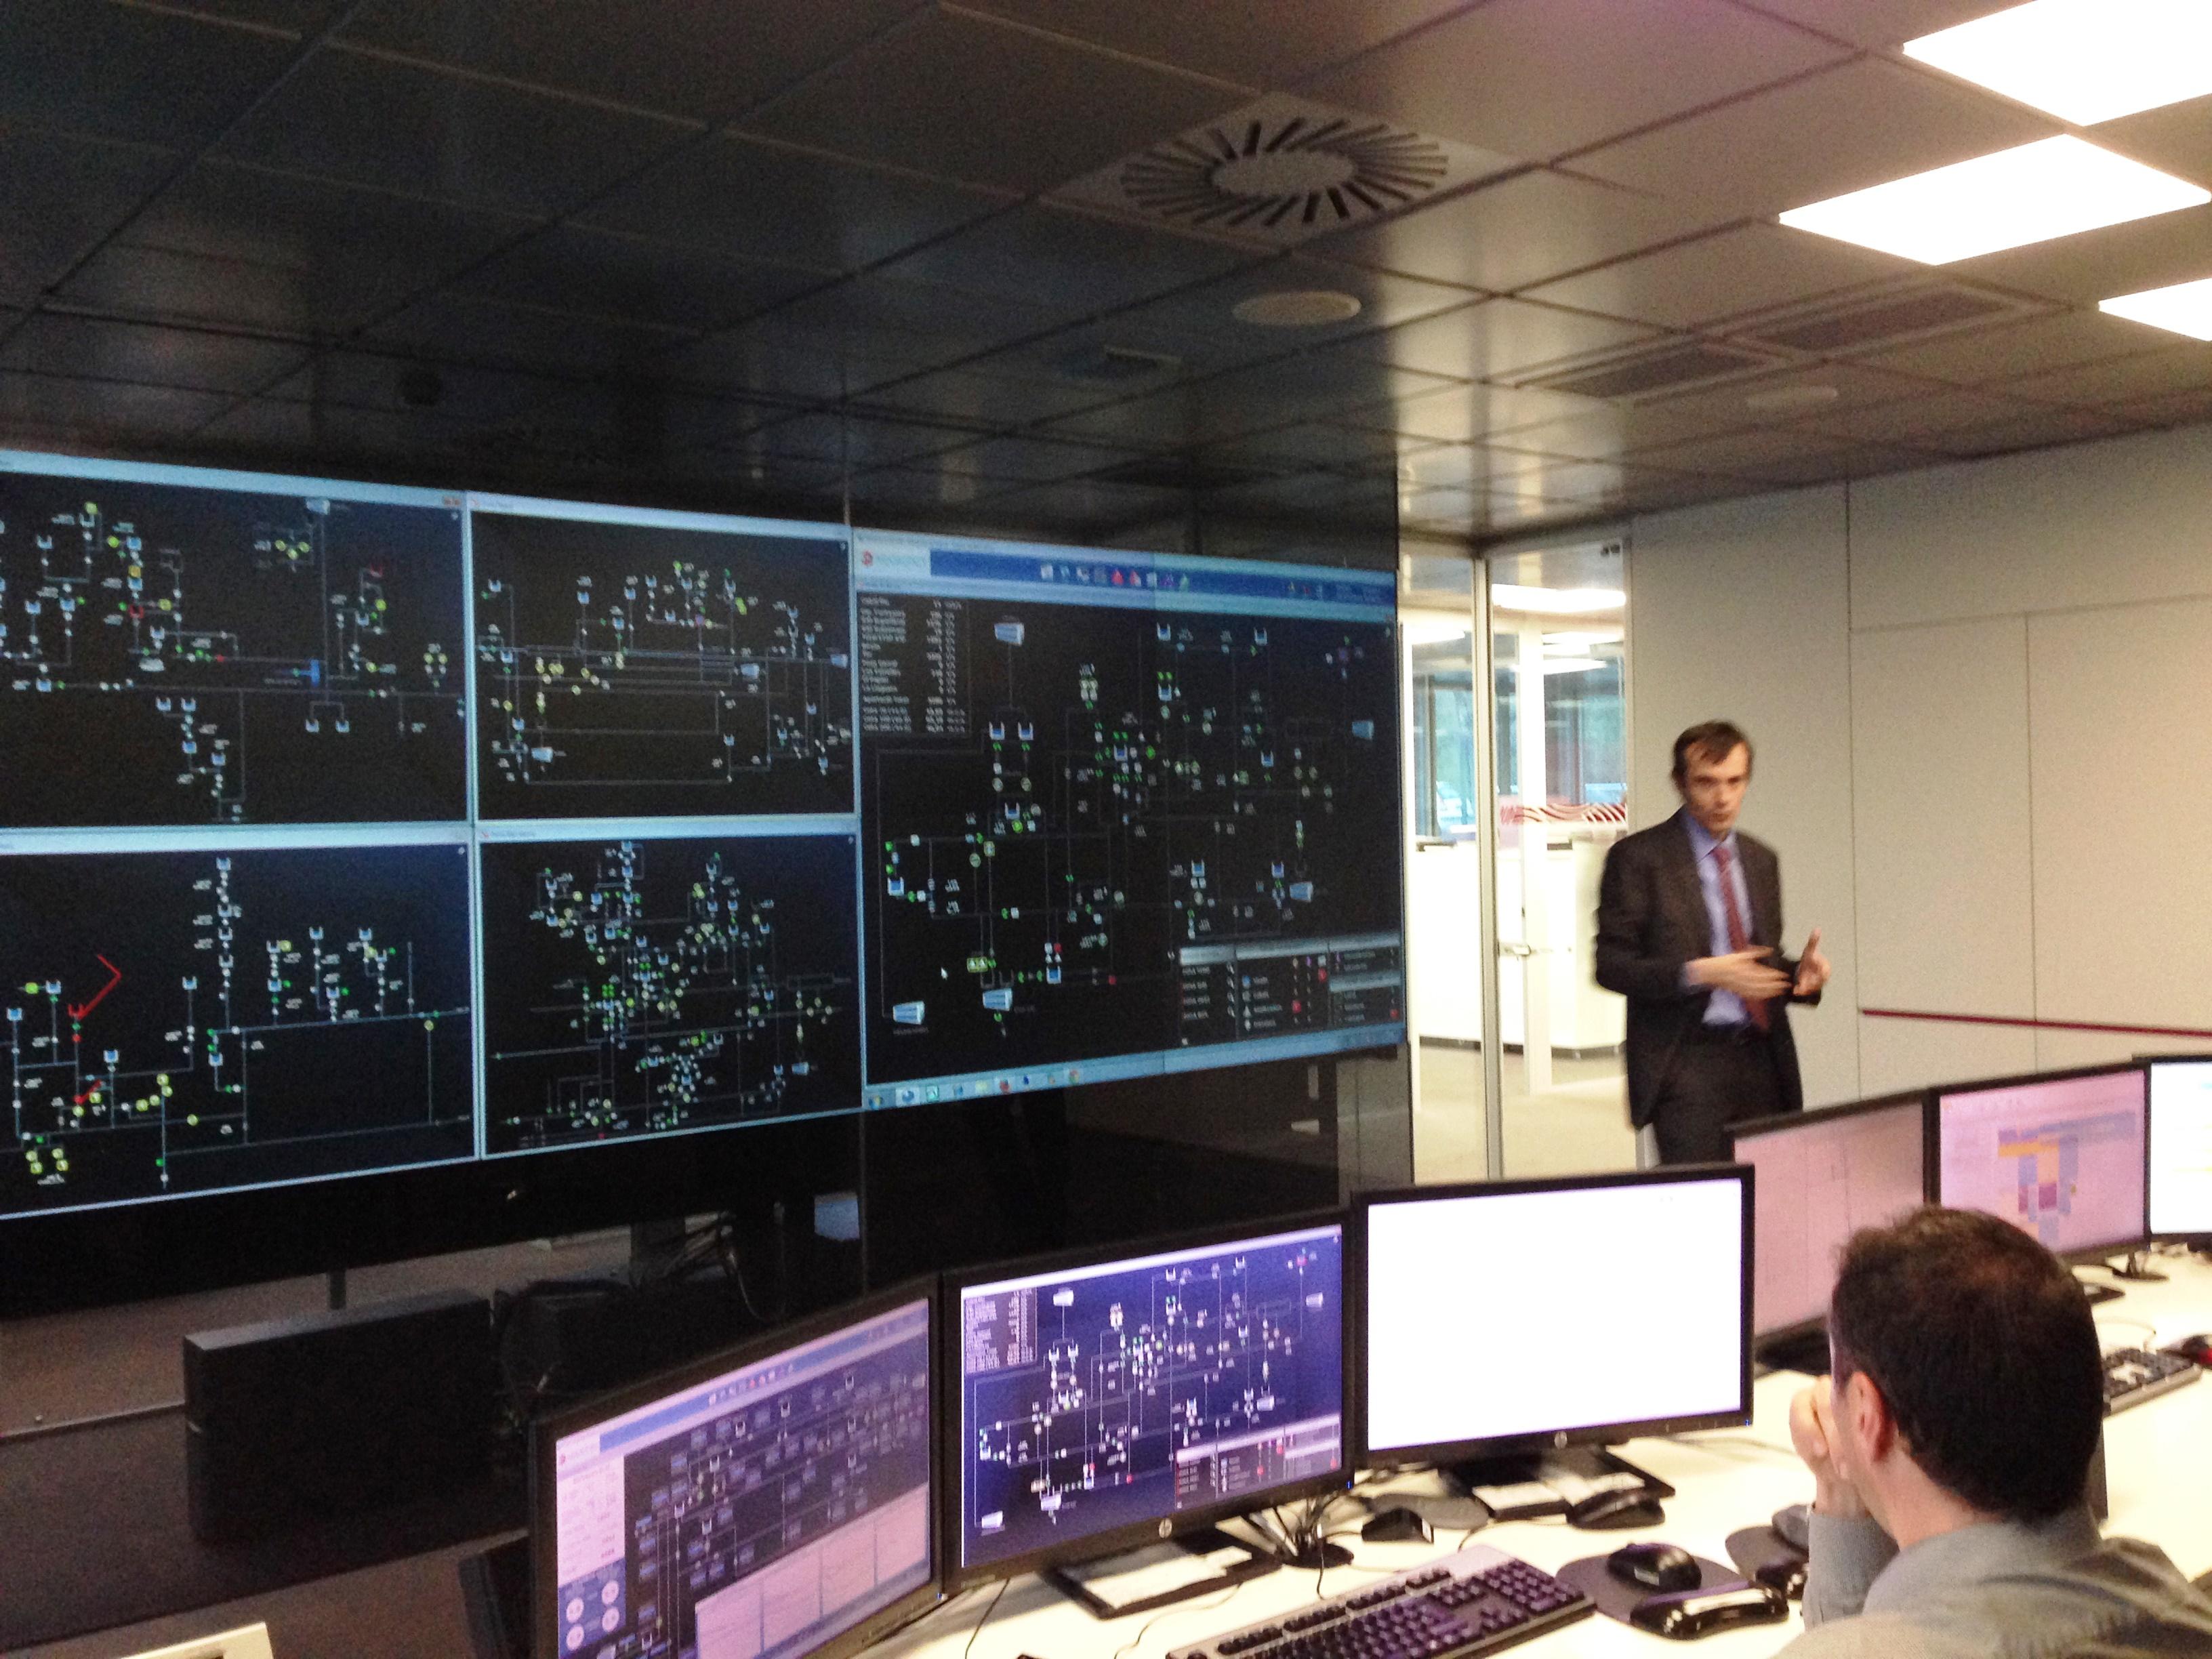 Crònica de la visita de la XTB a Centre de Control d'Operacions d'AGBAR